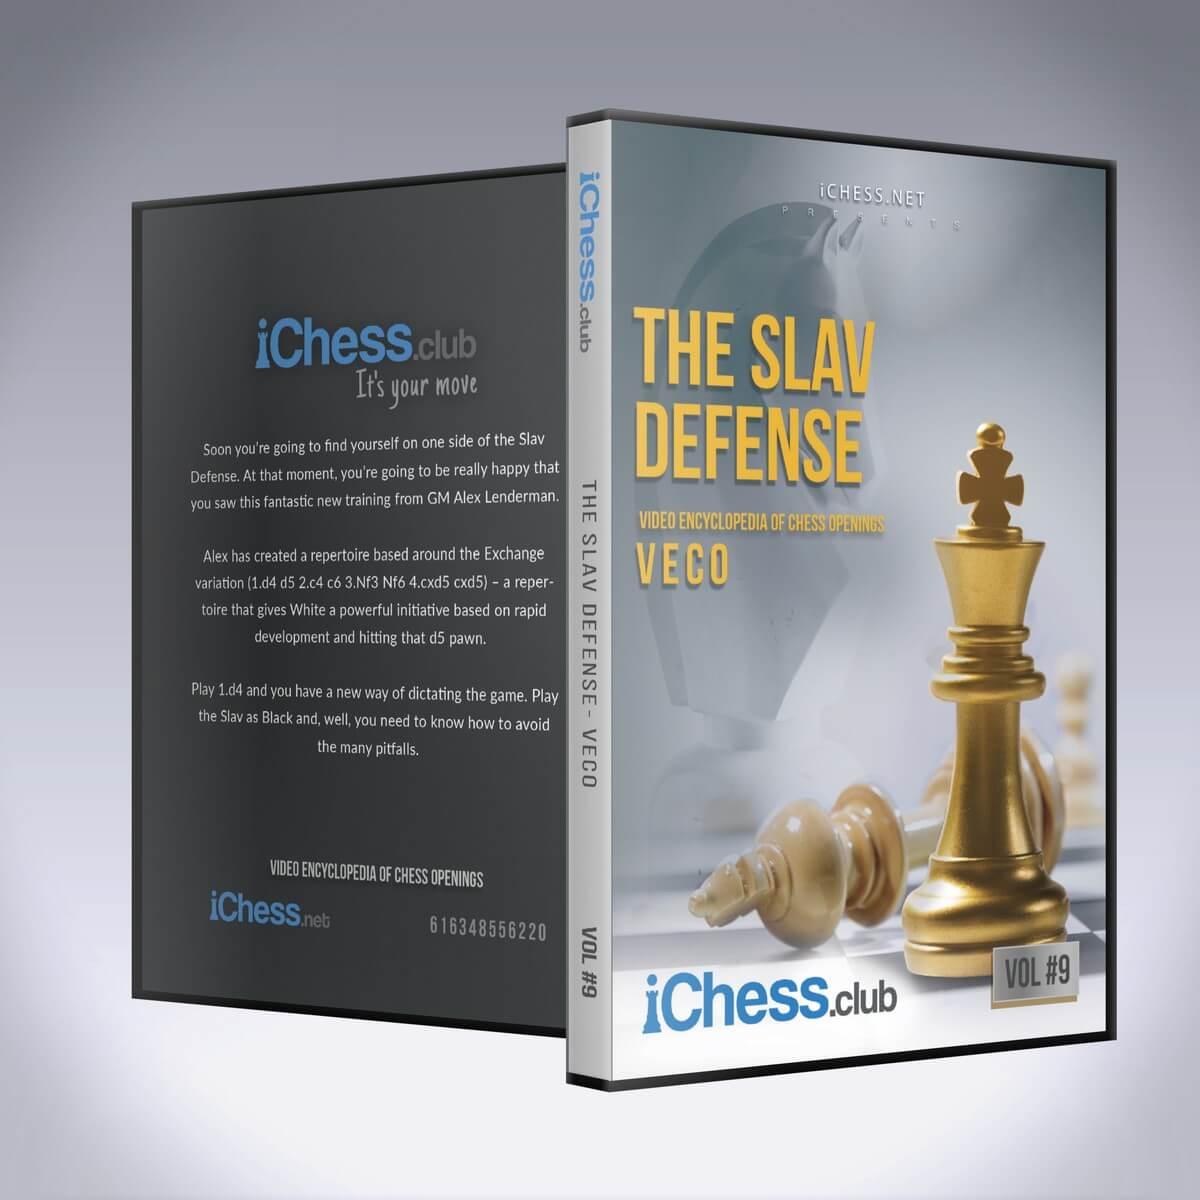 VECO – Vol#9 Beat the Slav Defense